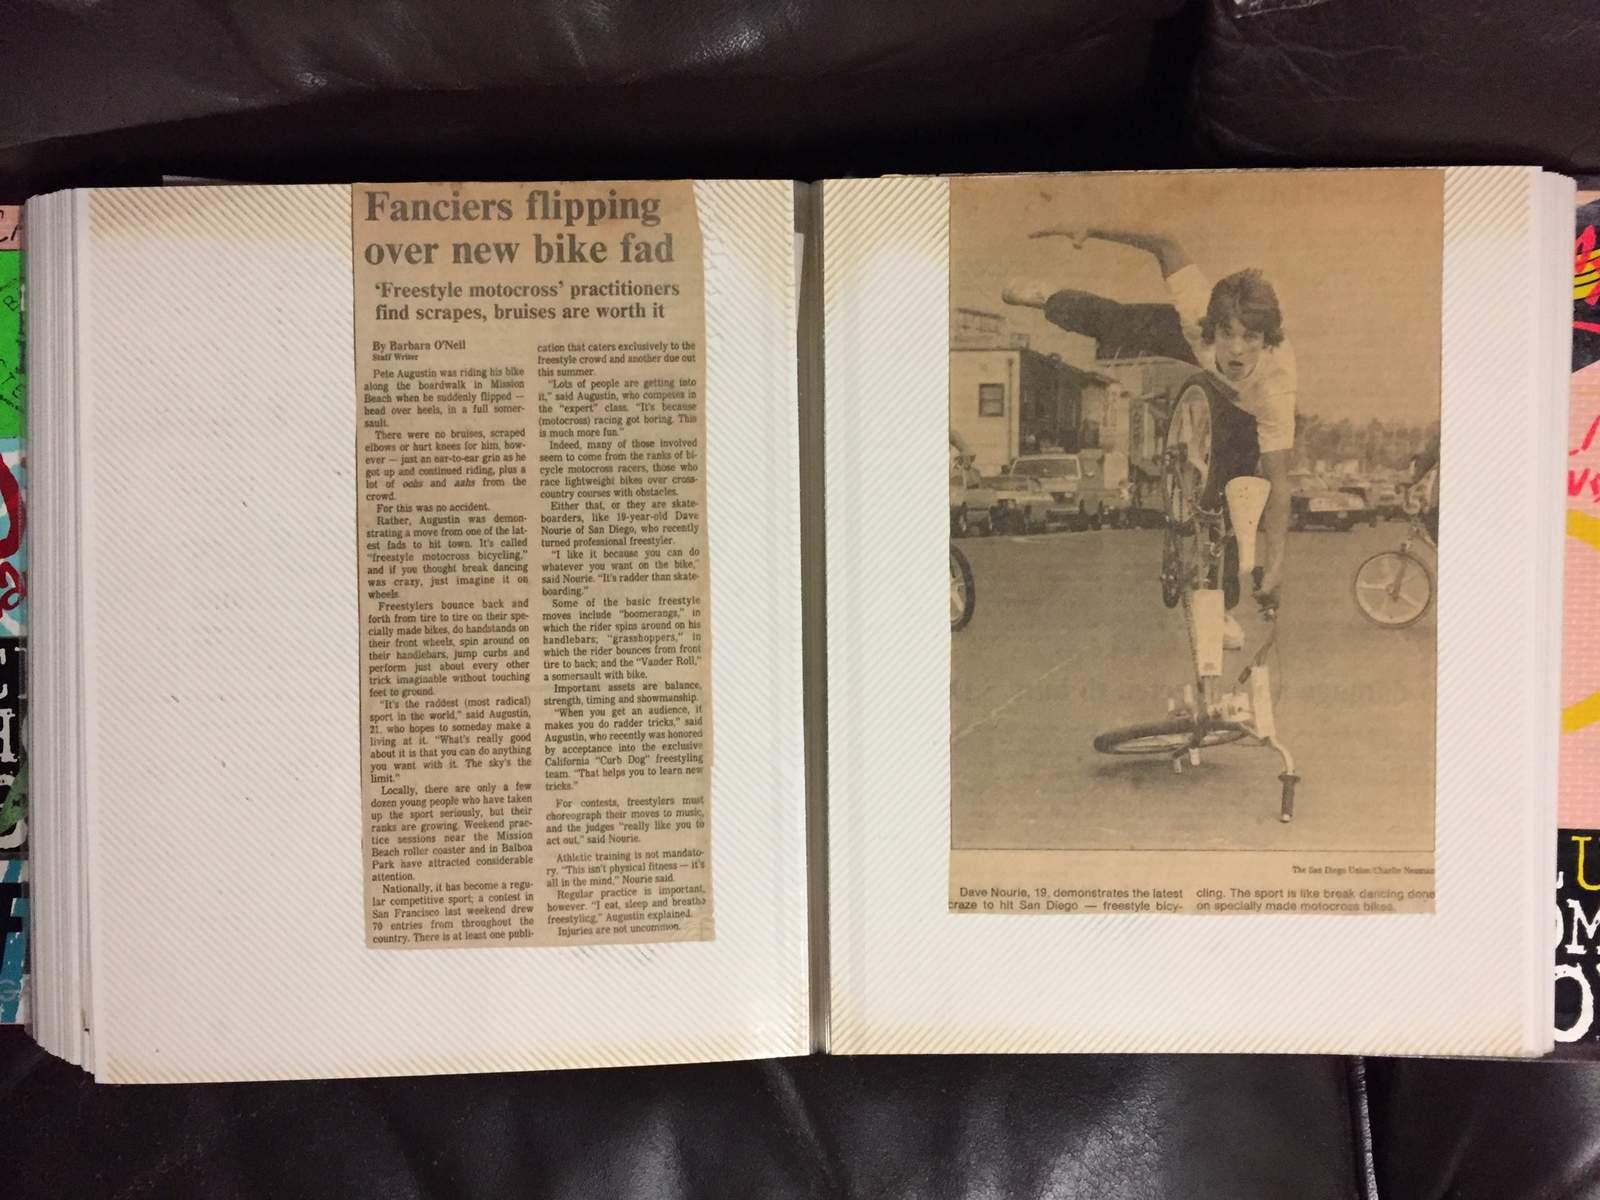 http://uploads.bmxmuseum.com/user-images/19713/9c40712b-2516-4112-96af-fee8651ad2455bfafb2a2c.jpeg